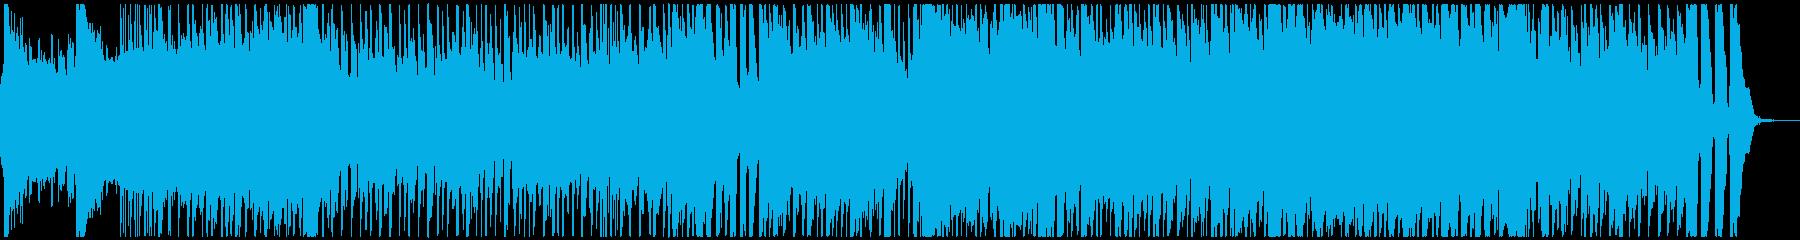 自然な雰囲気の明るいポップロック_ハーフの再生済みの波形